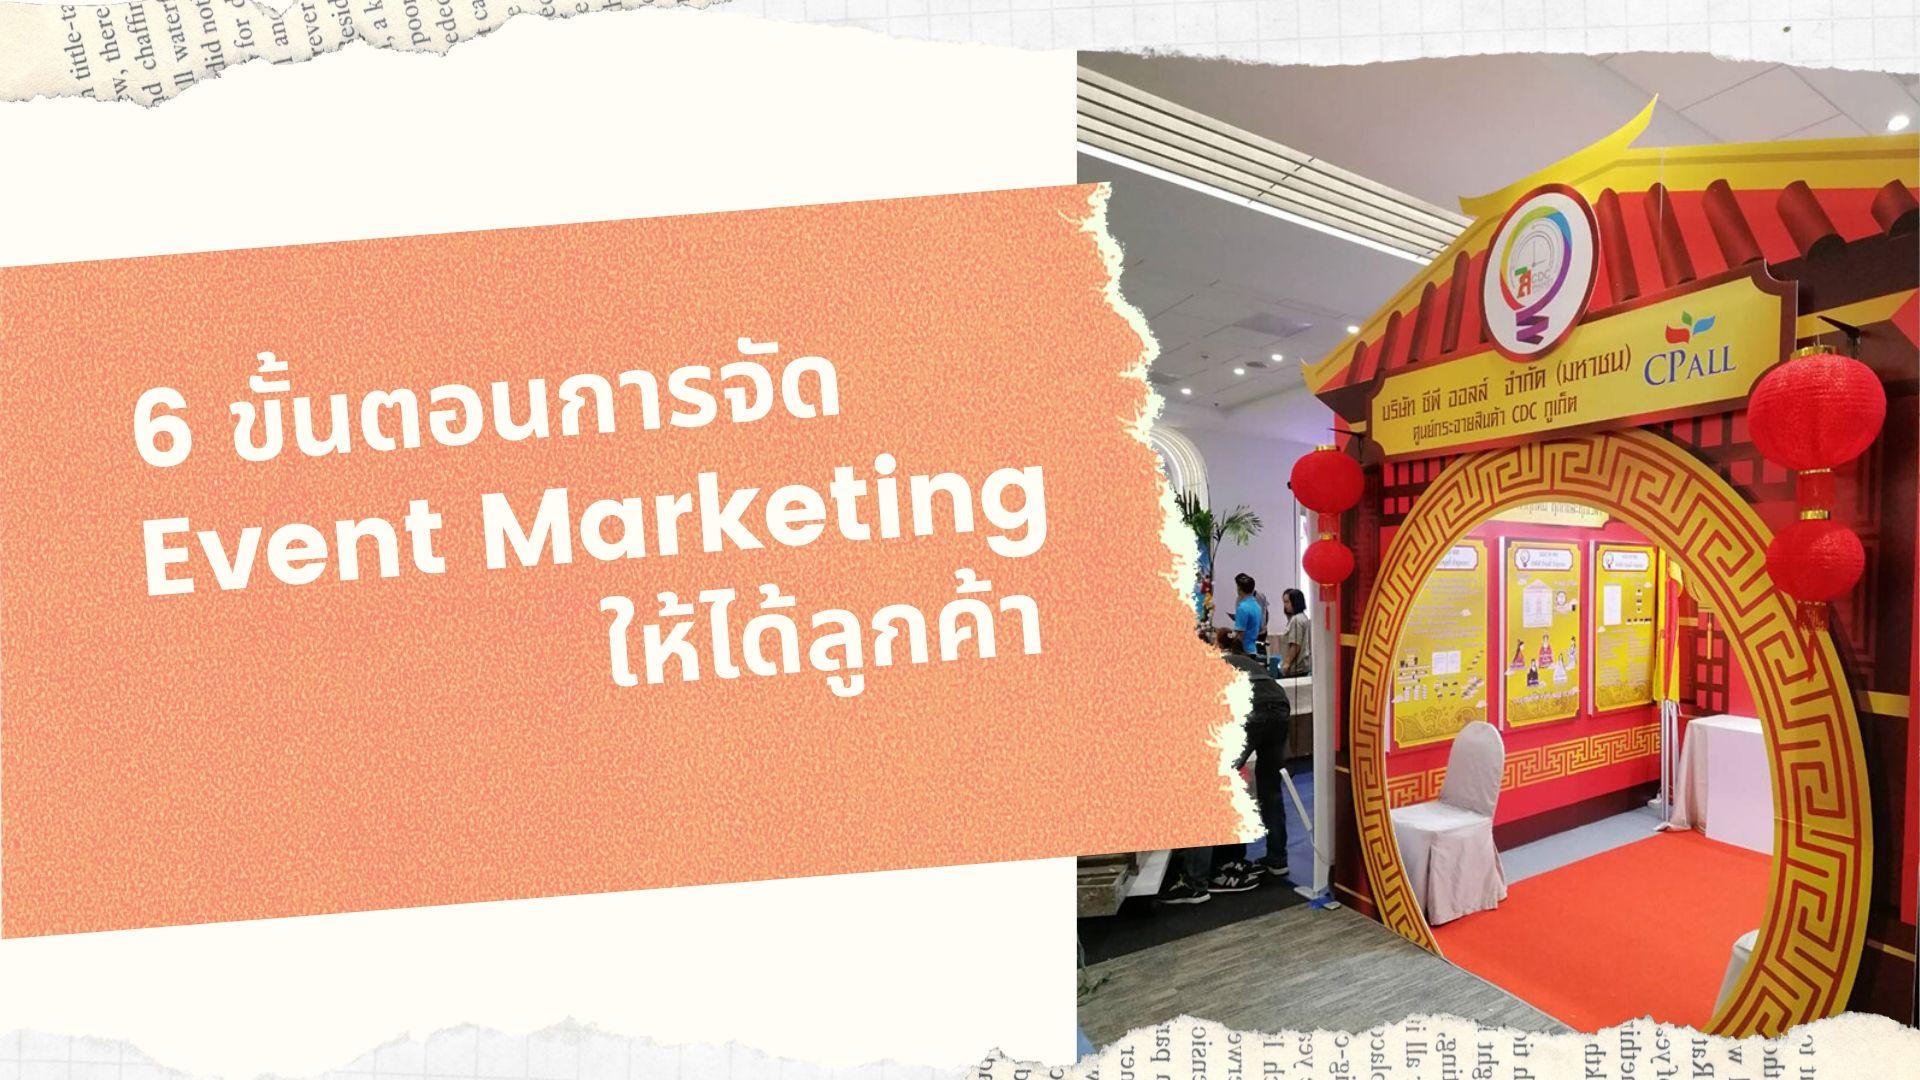 6 ขั้นตอนการจัด Event Marketing ให้ได้ลูกค้า